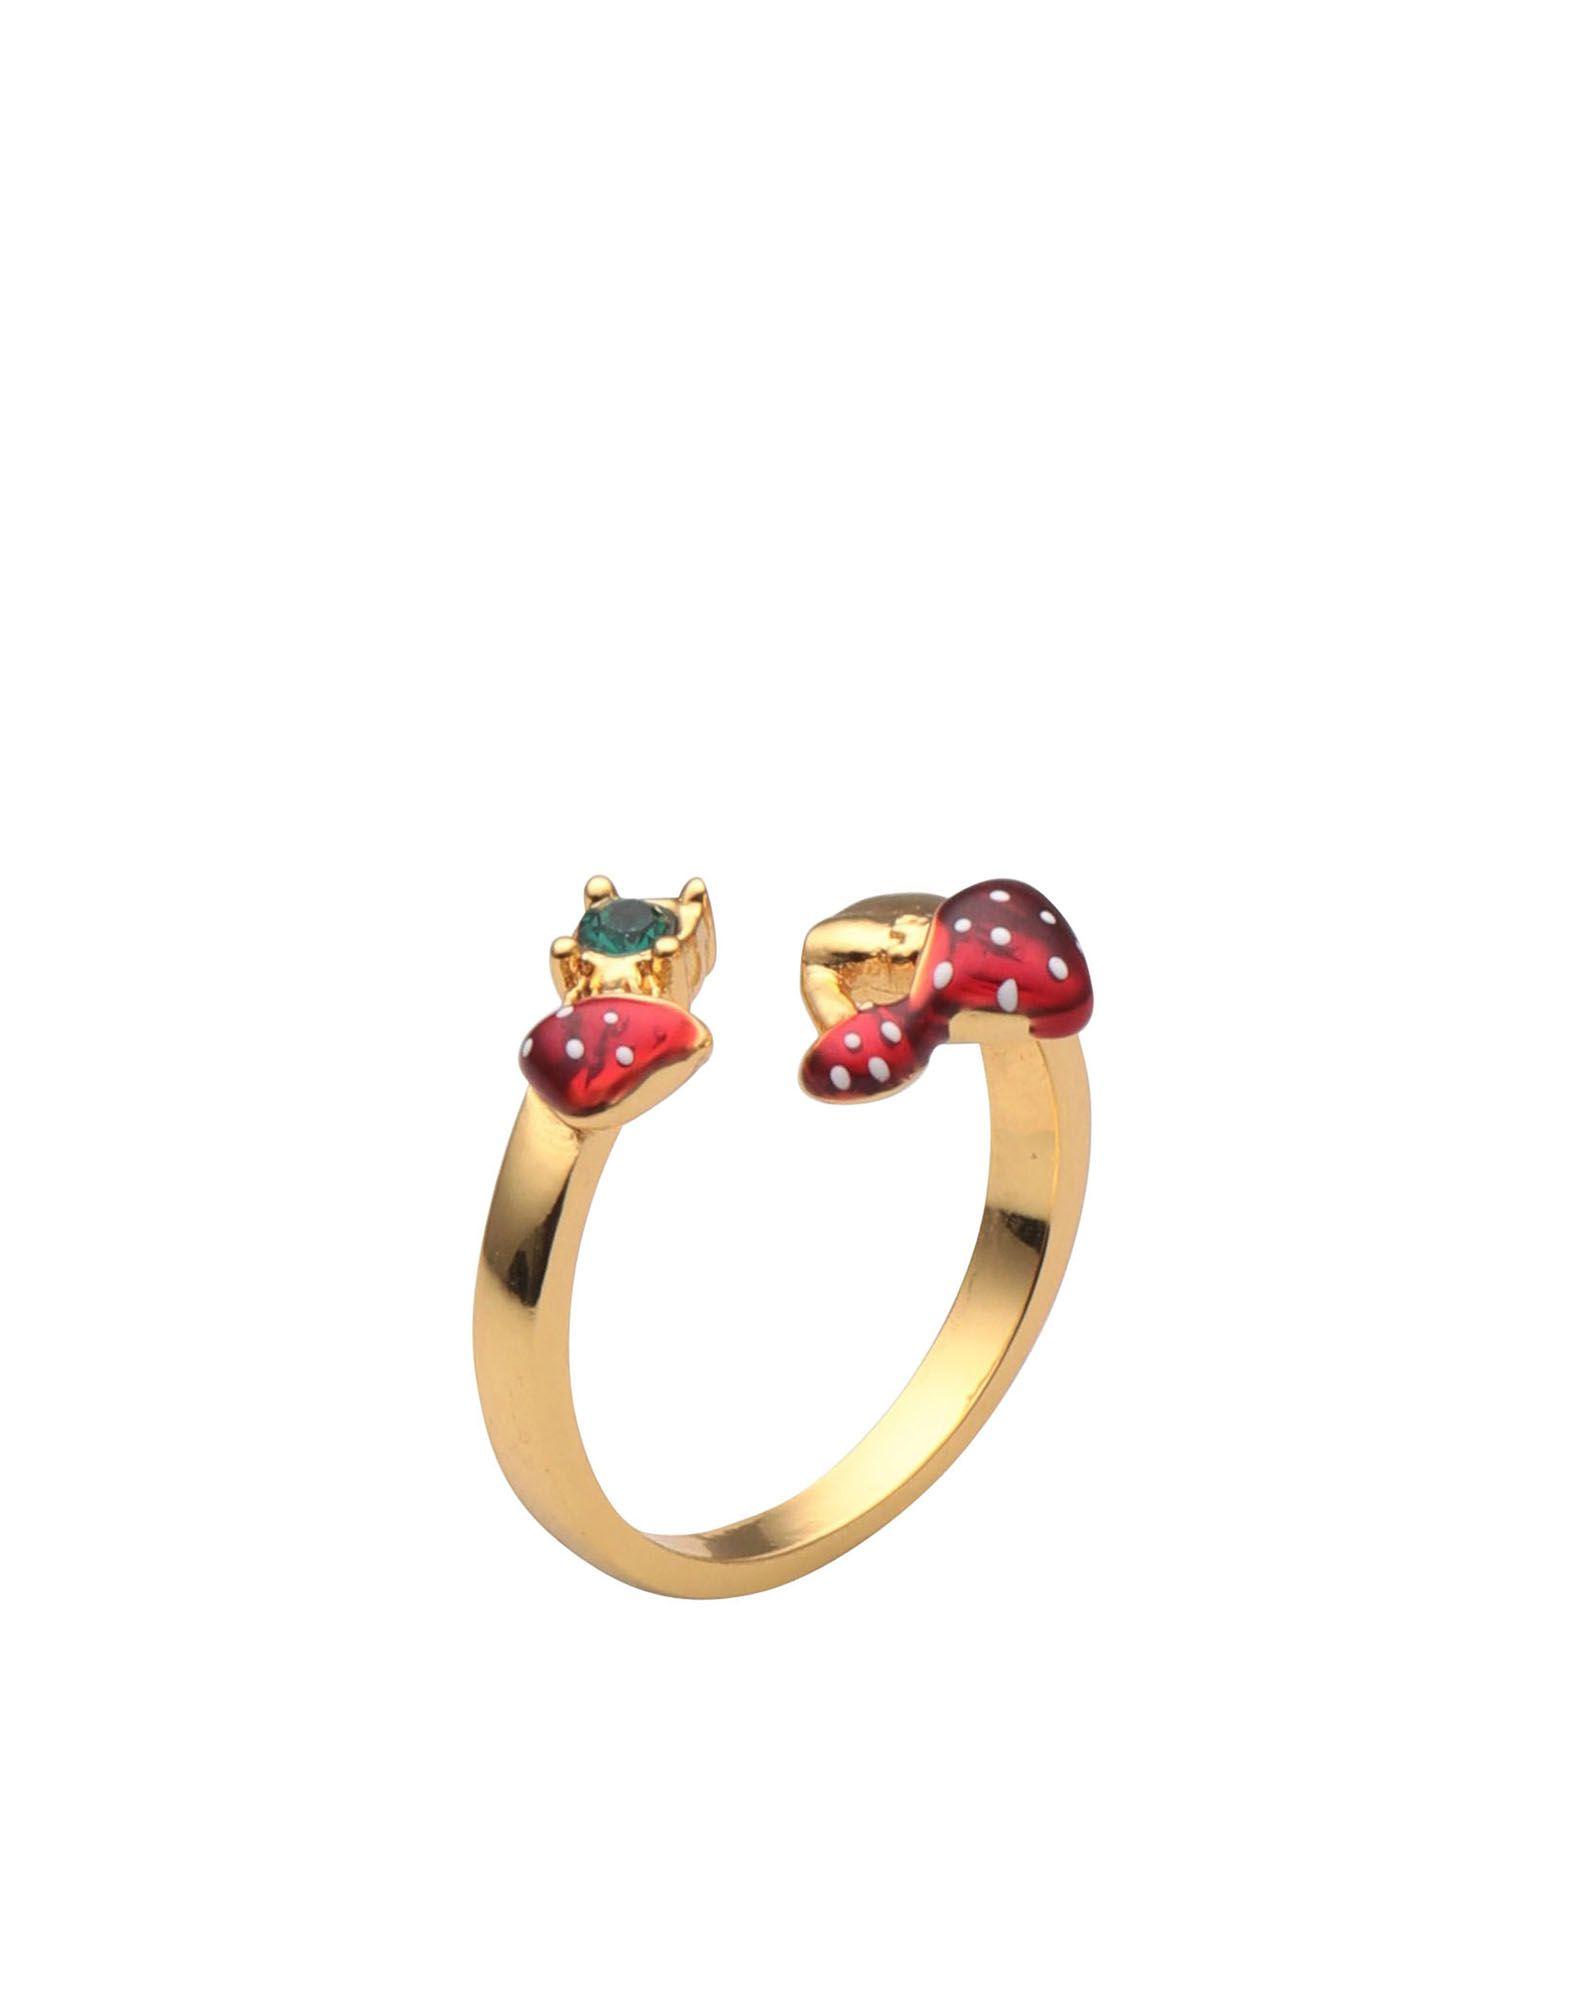 《期間限定セール開催中!》BILL SKINNER レディース 指輪 ゴールド one size 真鍮/ブラス / 18金メッキ TOADSTOOL OPEN RING